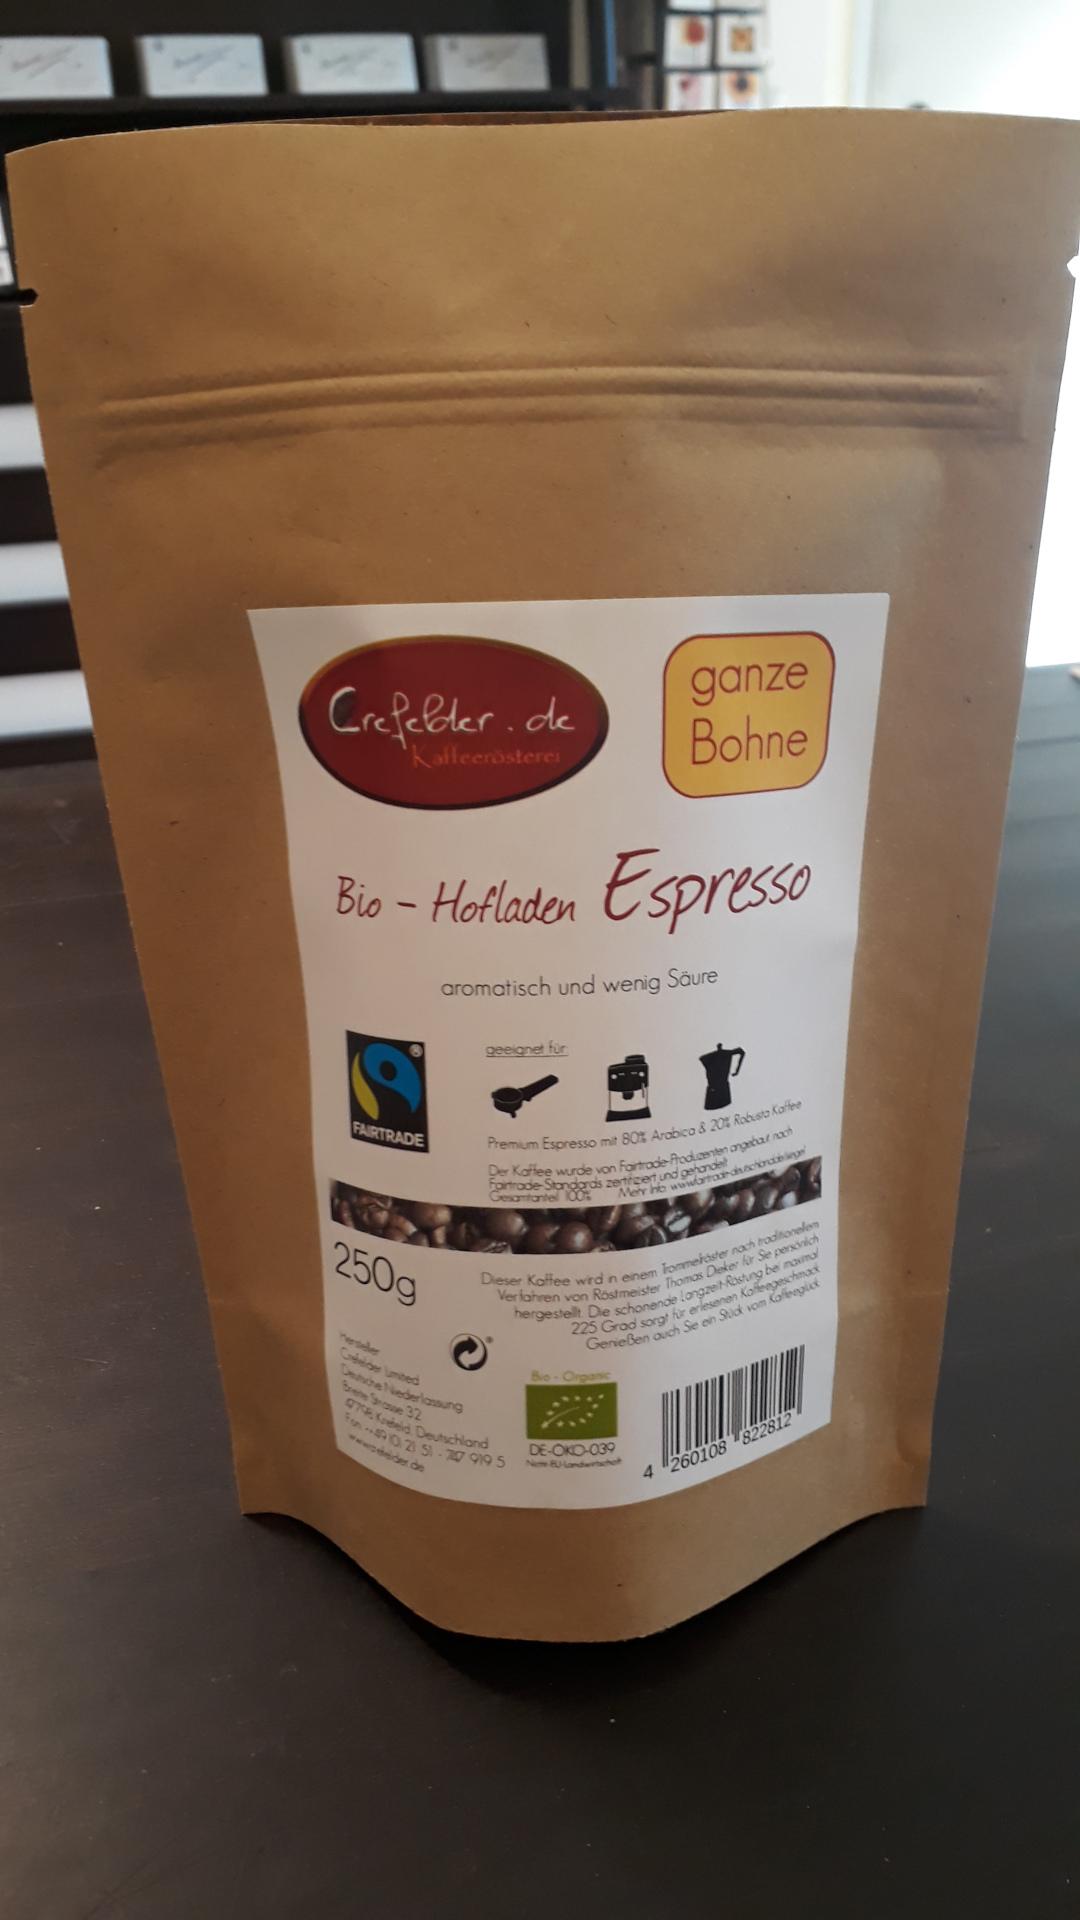 Bio Hofladen Espresso